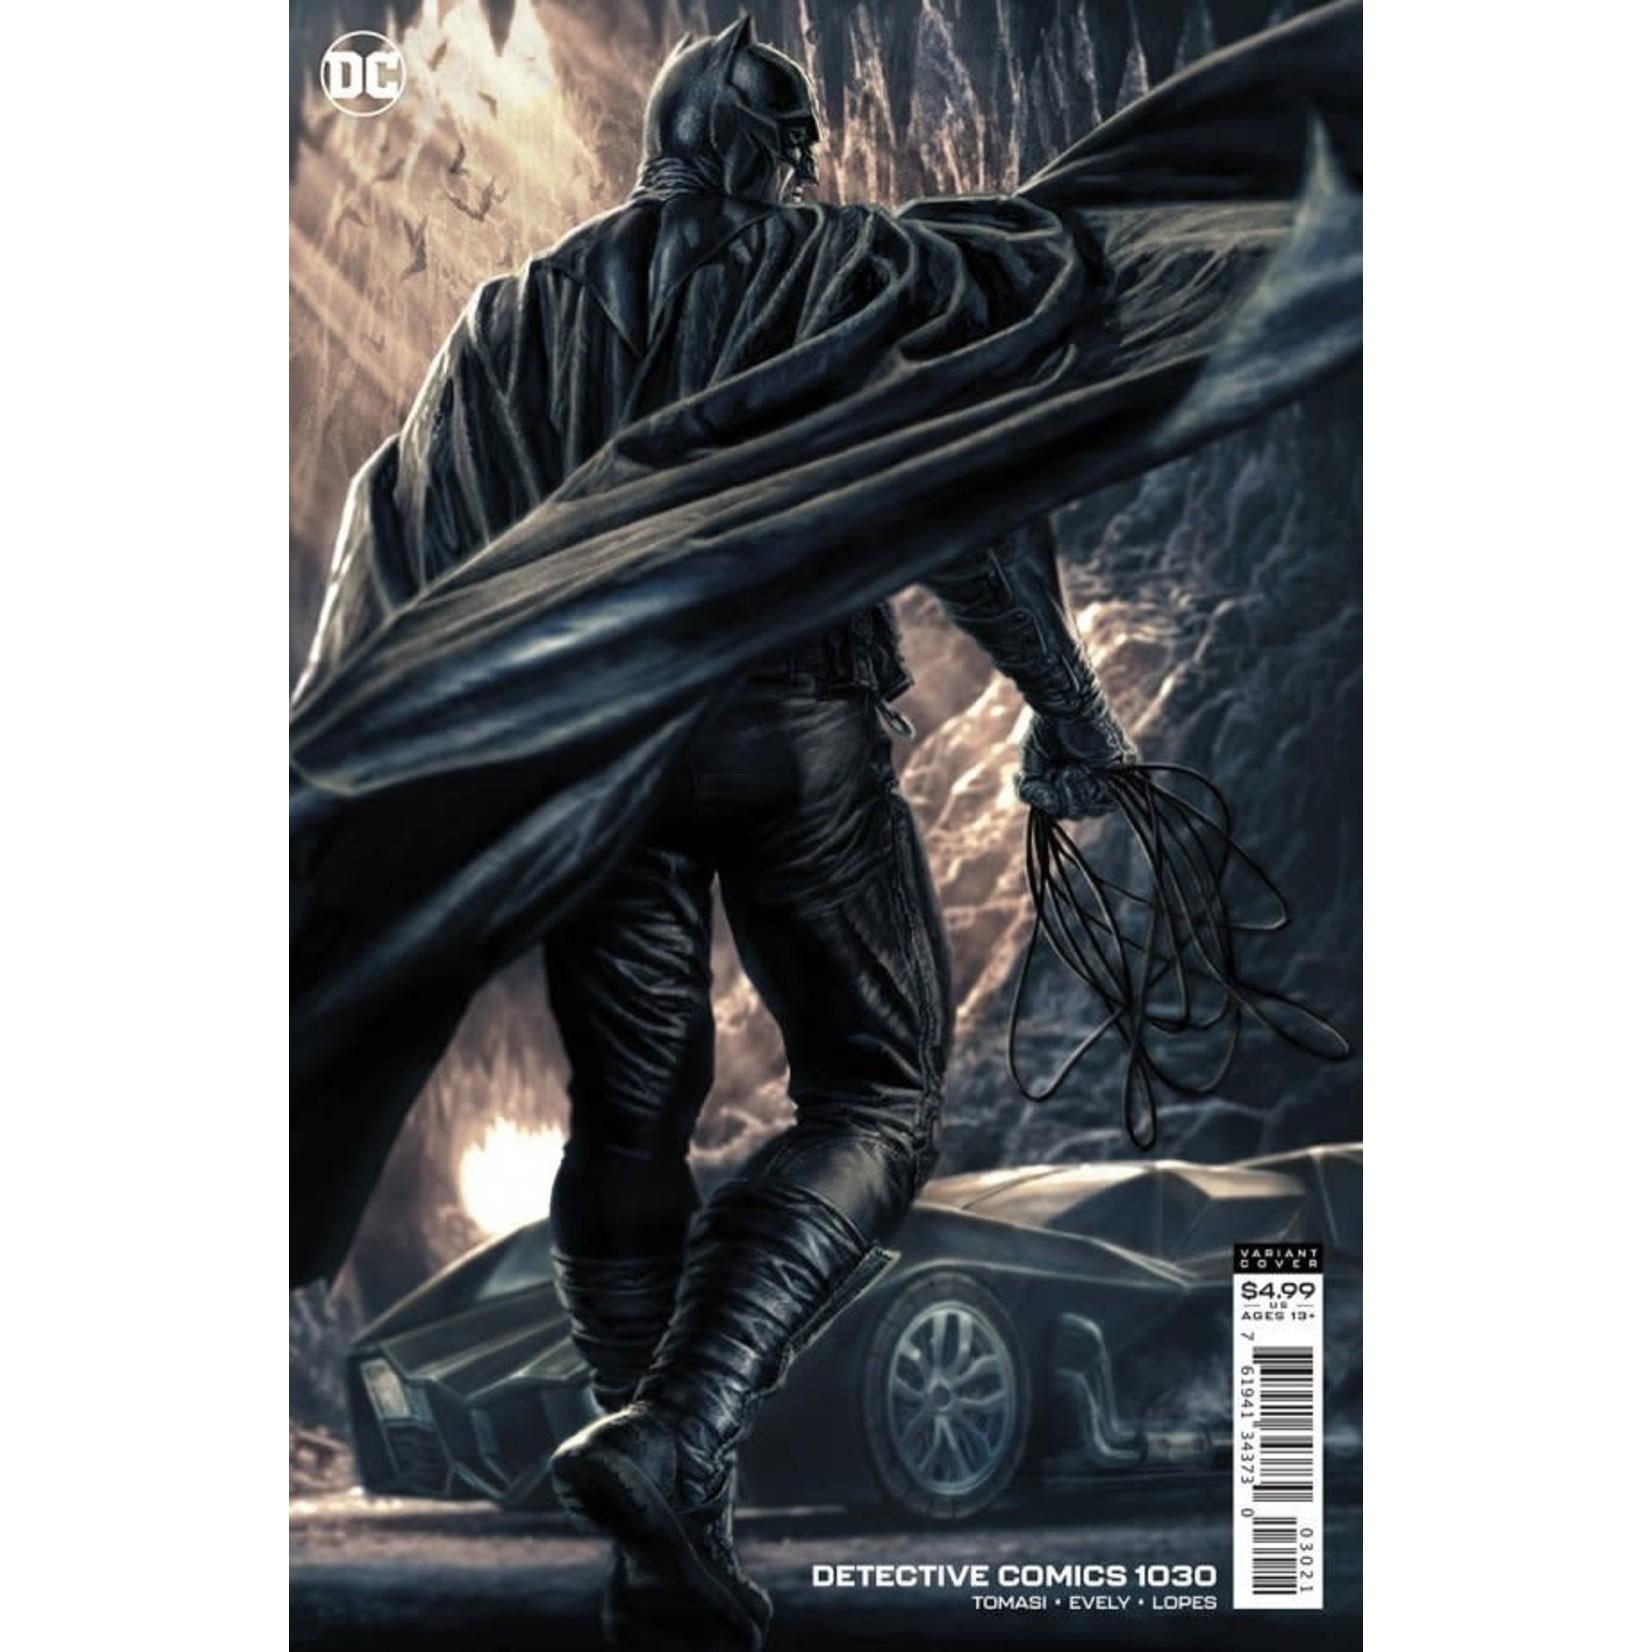 DC Comics Detective Comics #1030 Card Stock Variant Cover